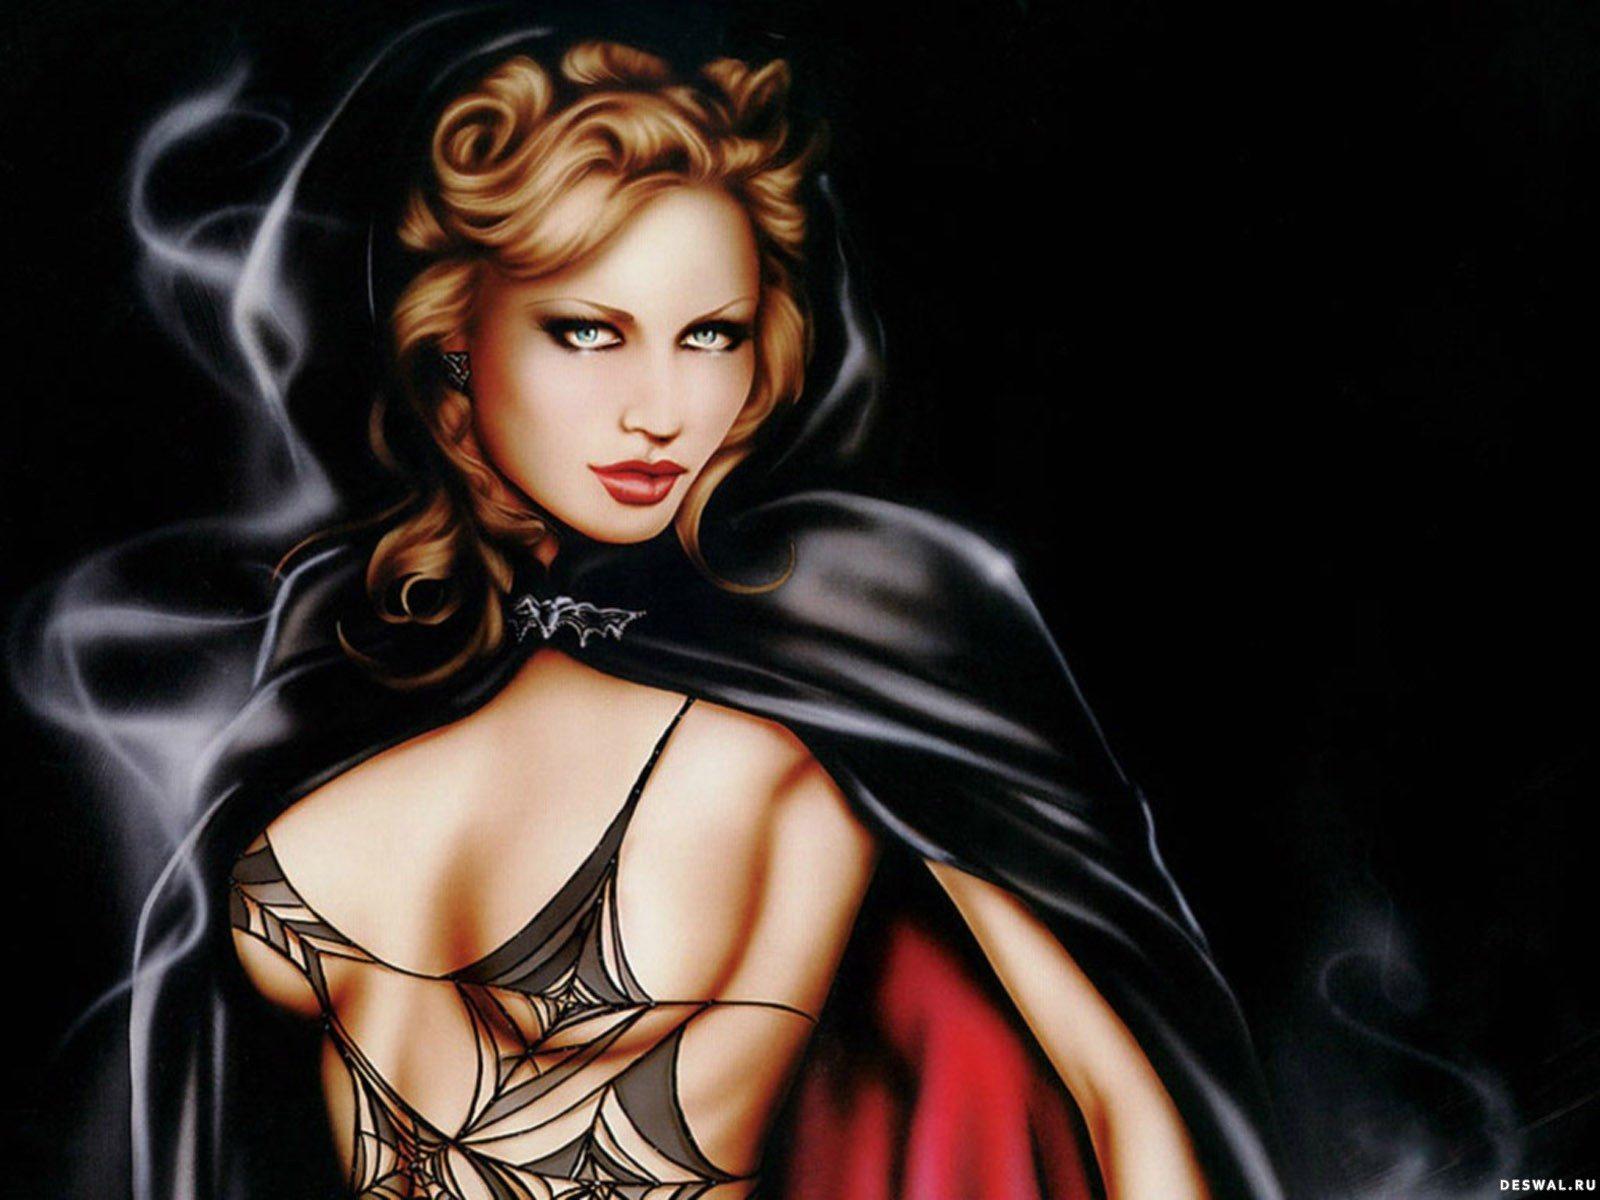 Фото красавицы вампирши 24 фотография